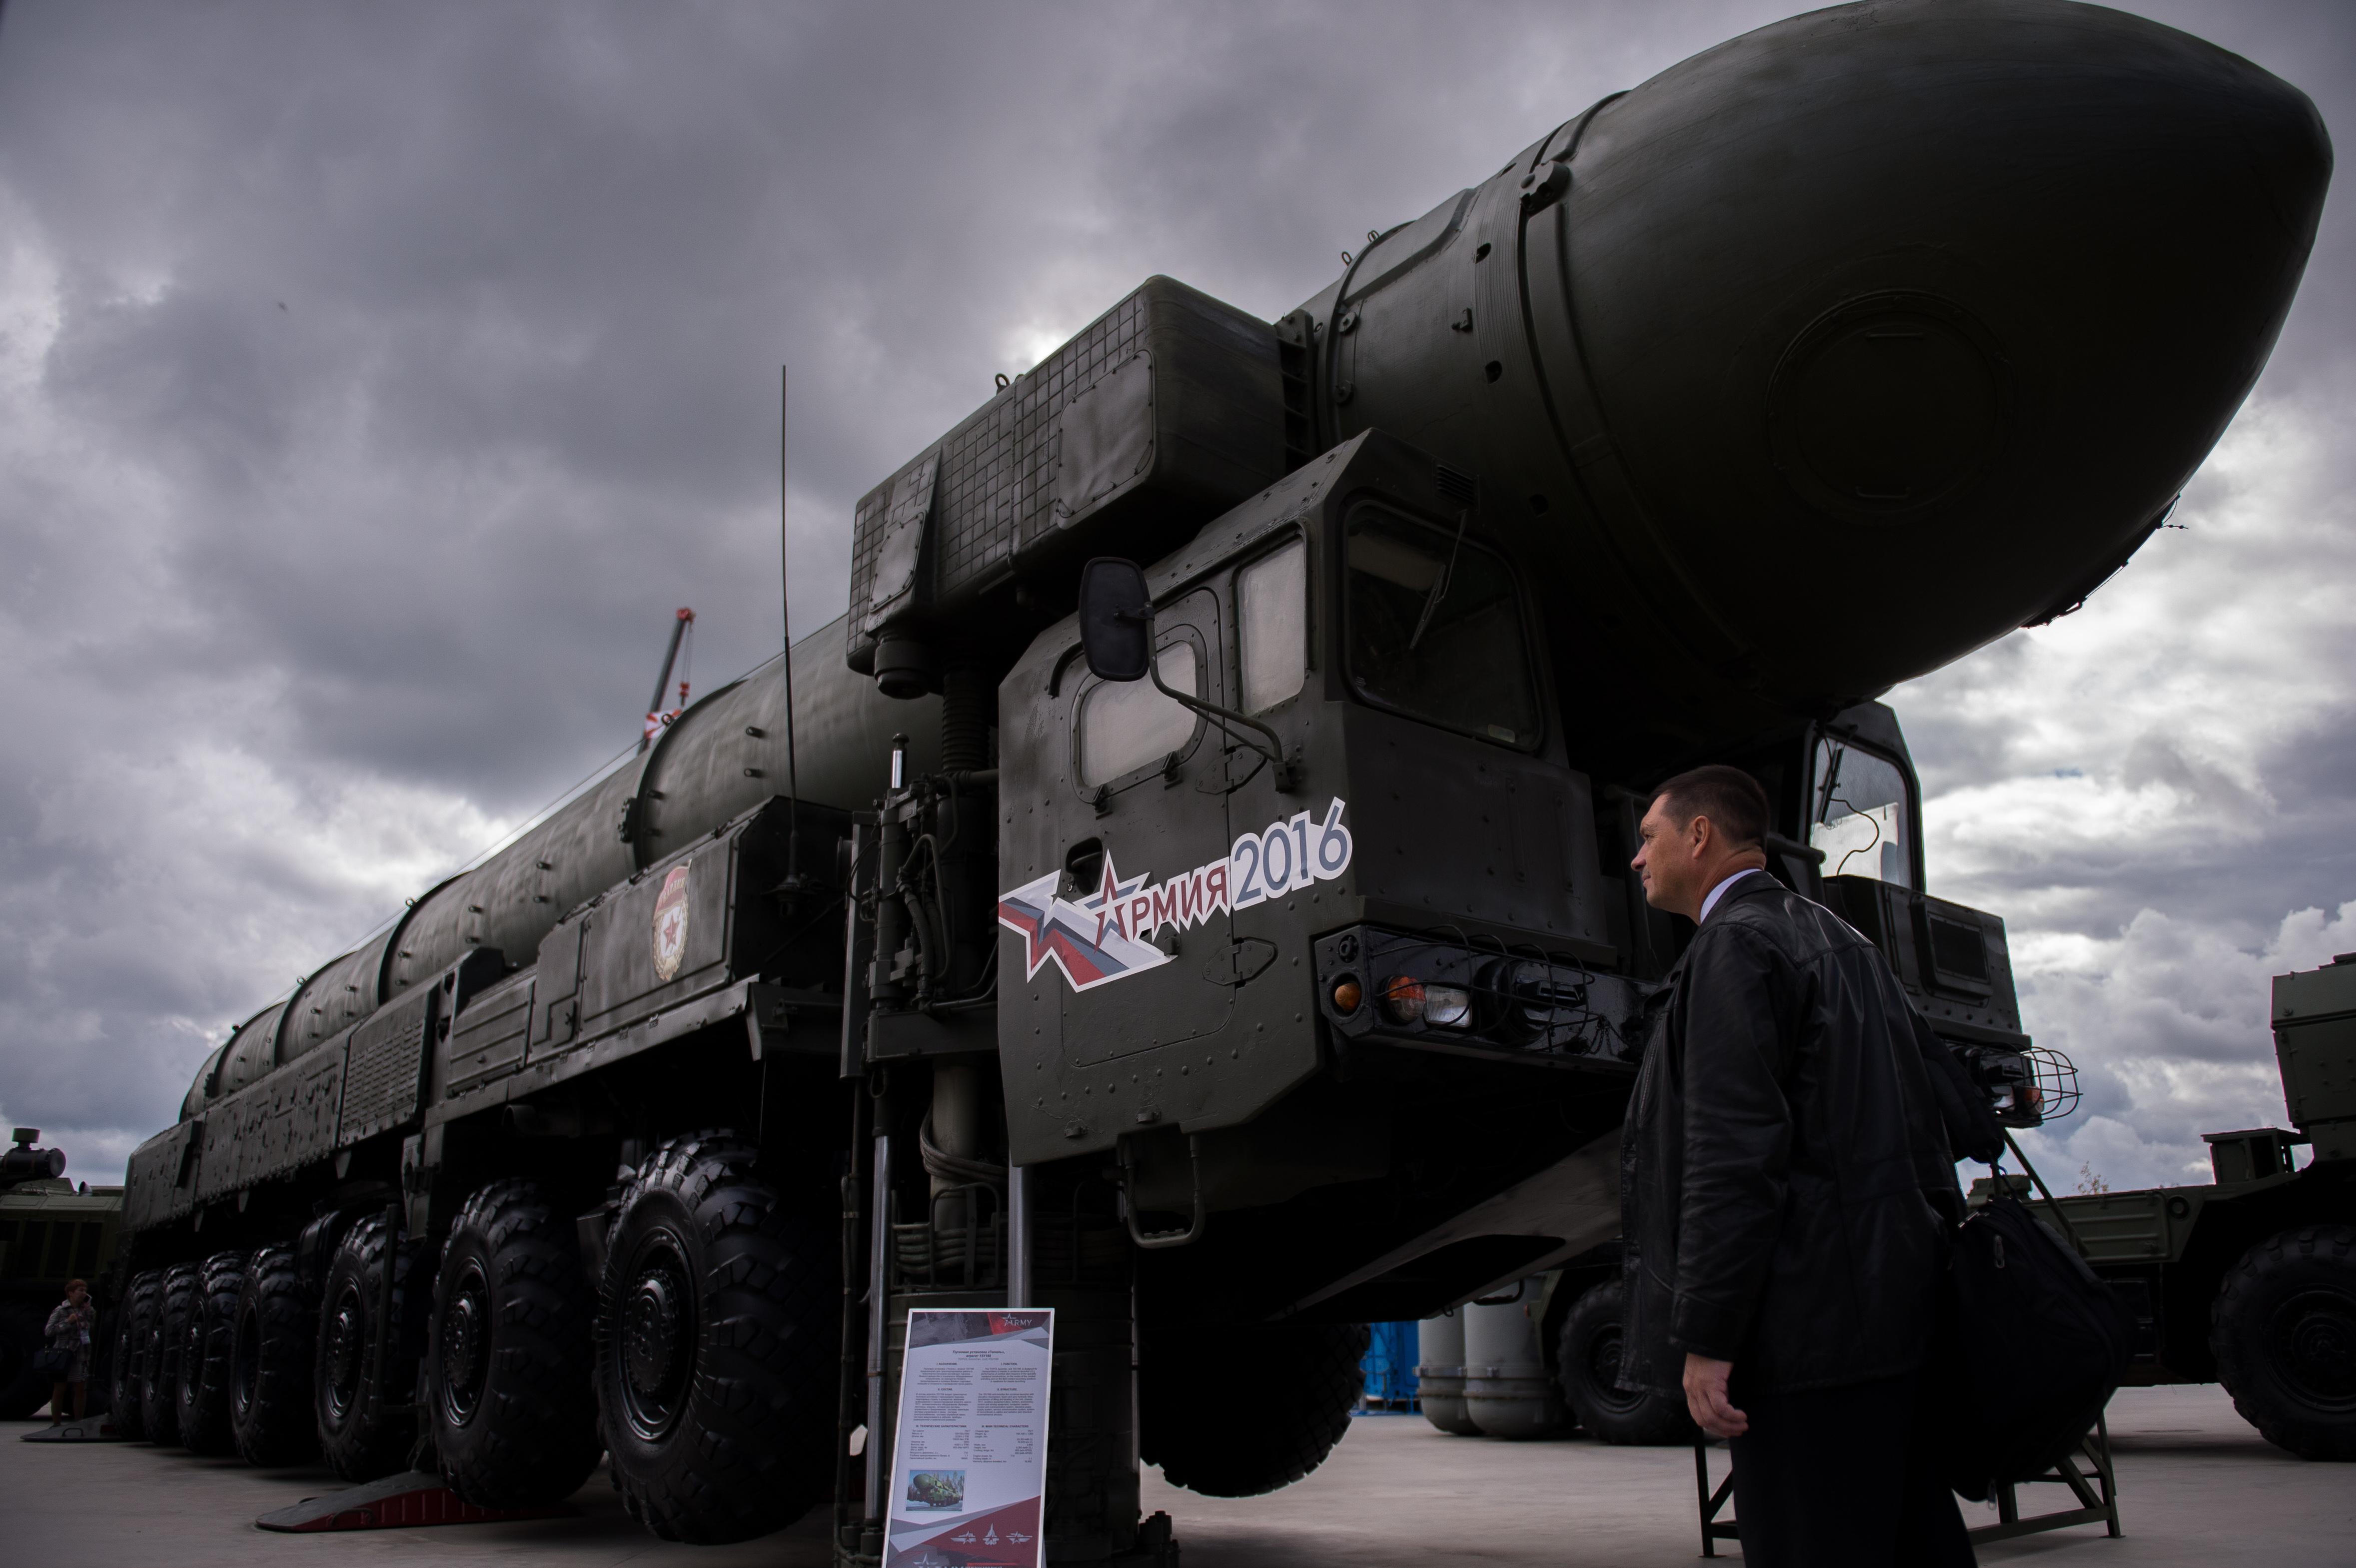 صاروخ توبول الروسي العابر للقارات - أرشيف